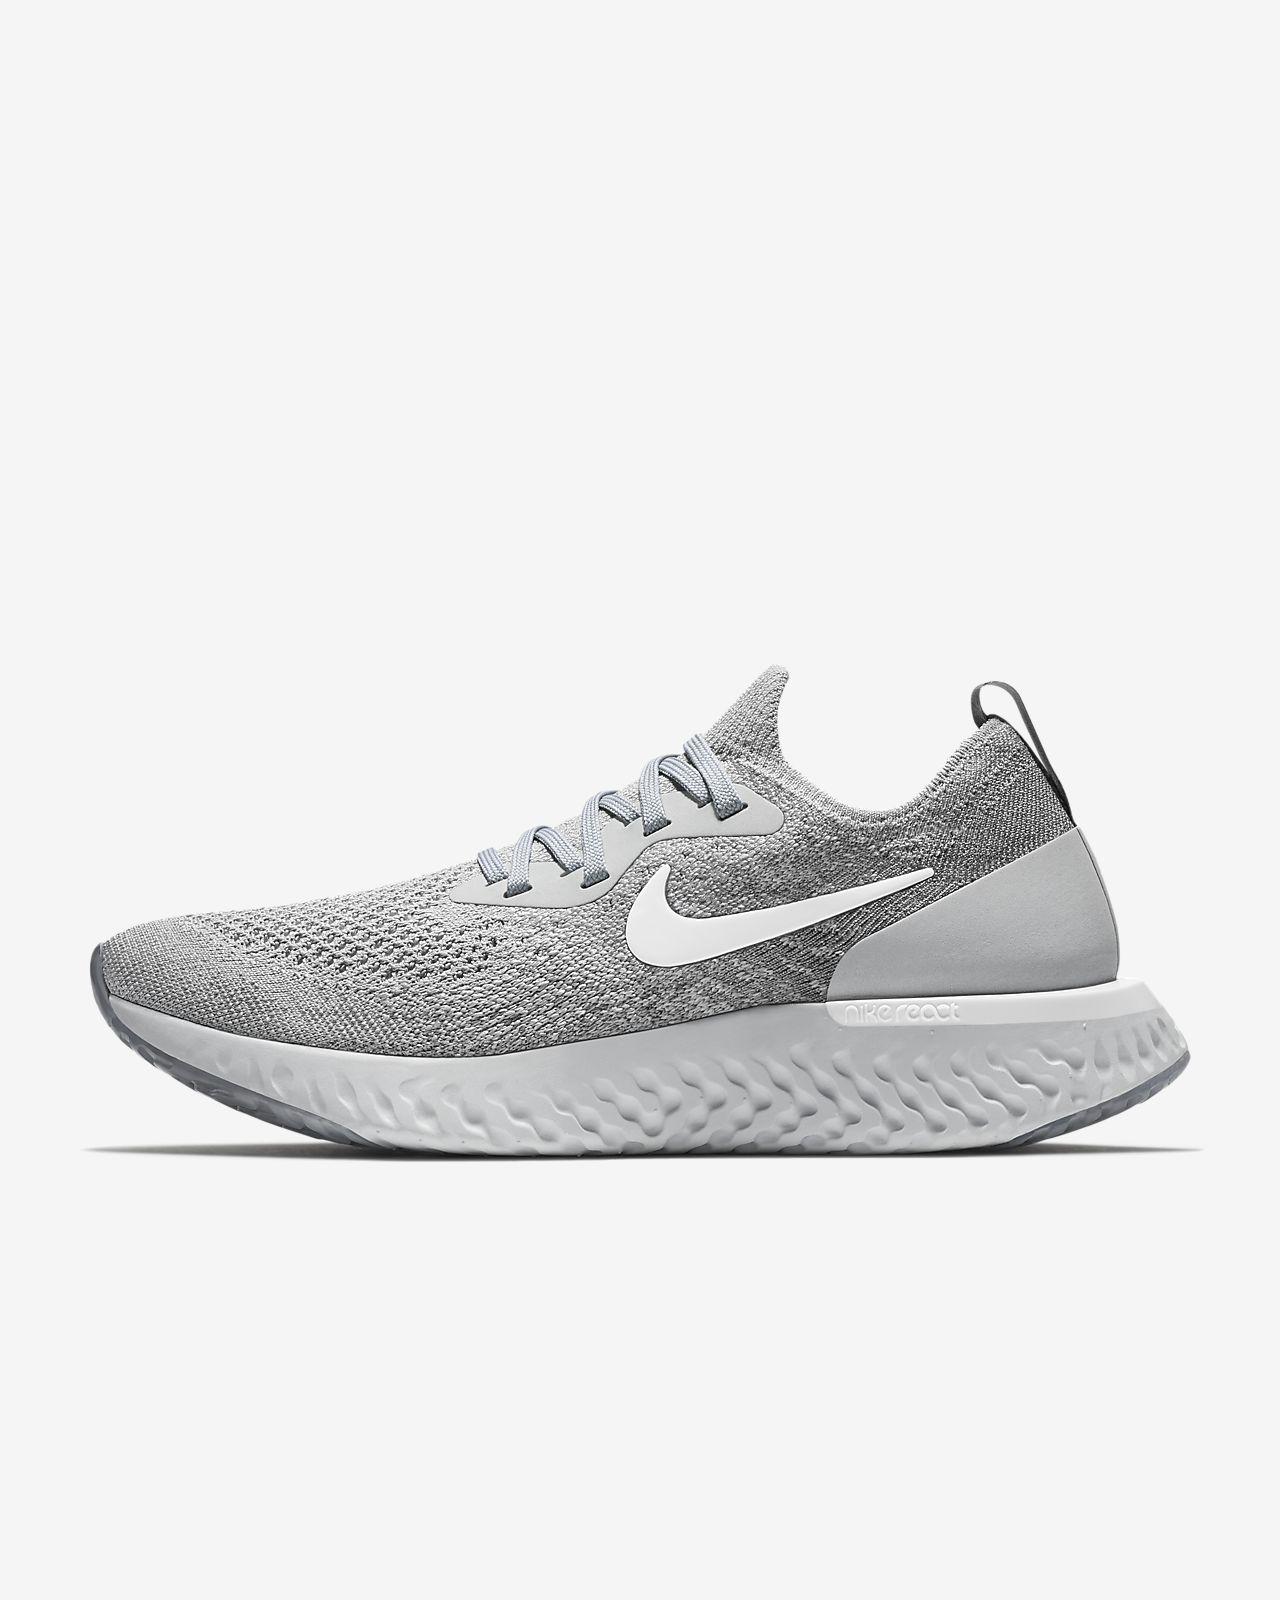 ... Nike Epic React Flyknit Women's Running Shoe